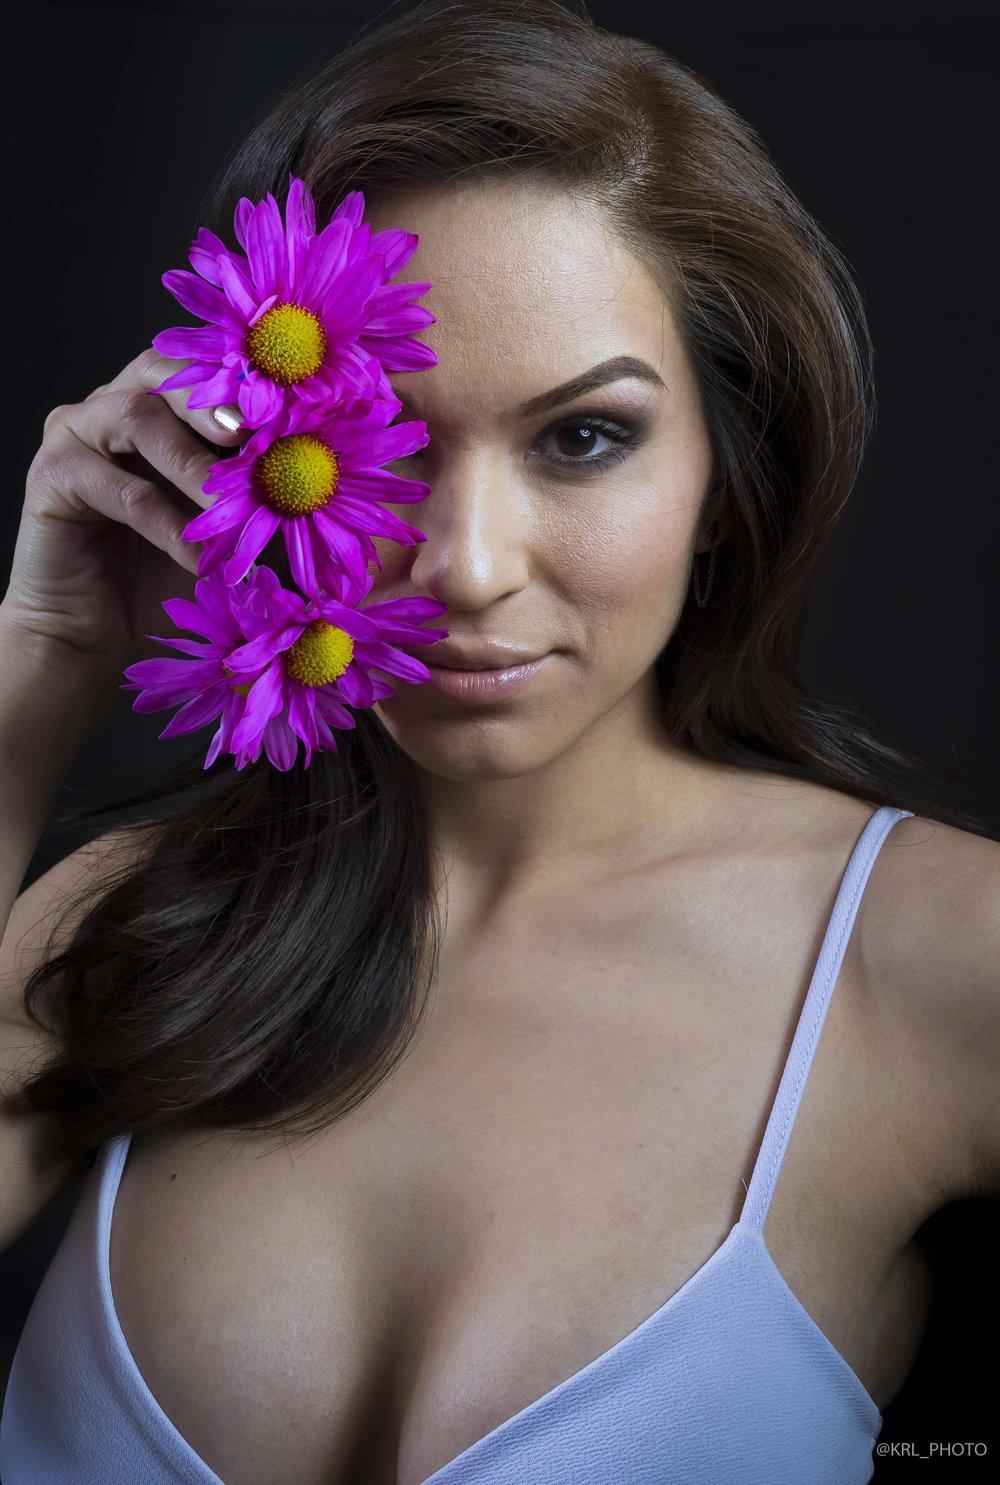 Flowers Full.jpg